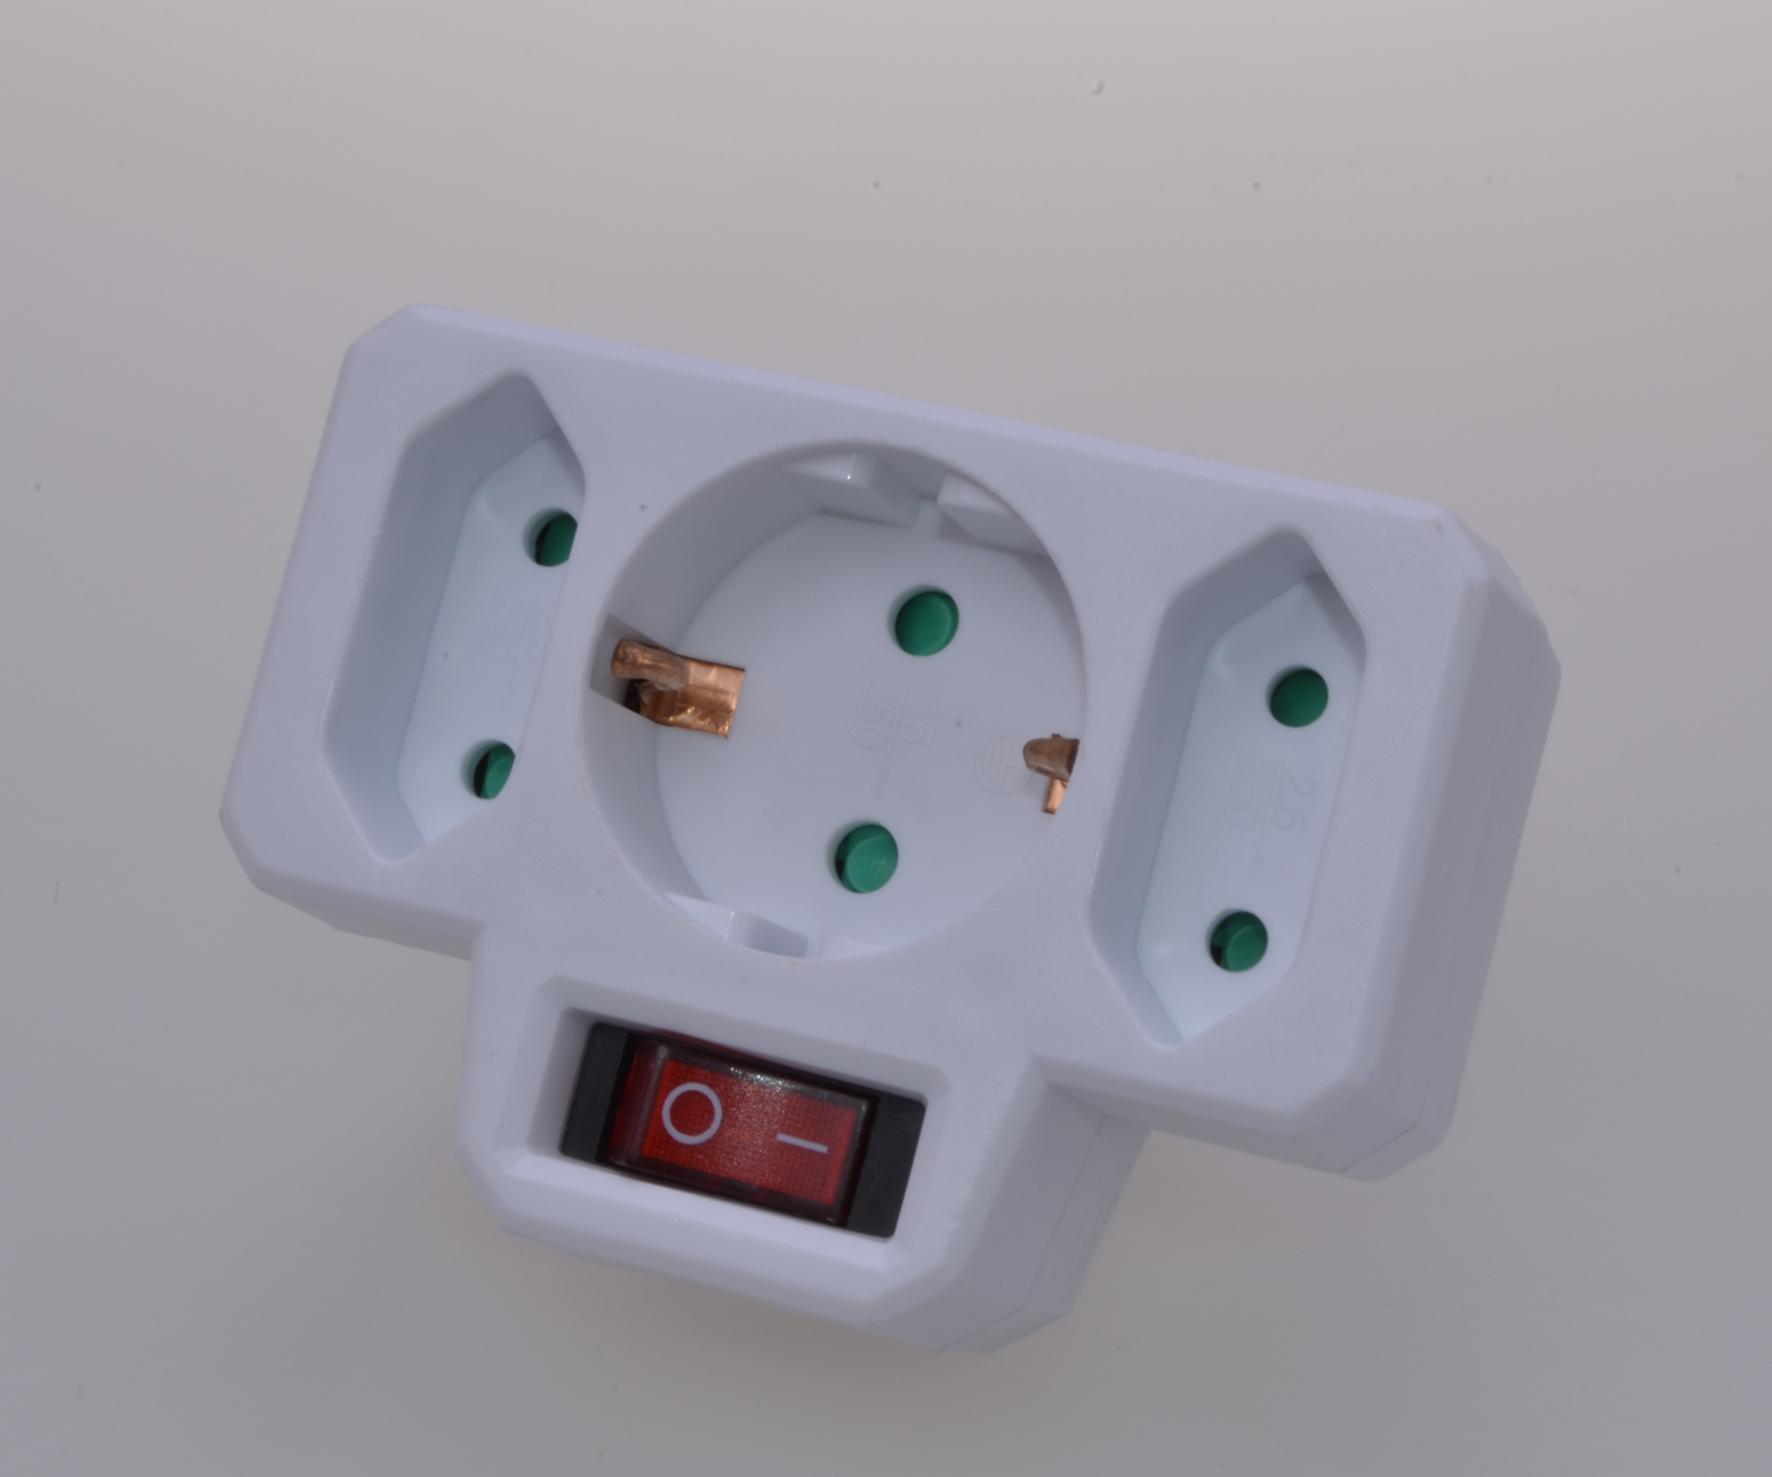 3fach Steckdosen mit Schalter Steckdosenschalter Stecker Euro Steckdosenadapter